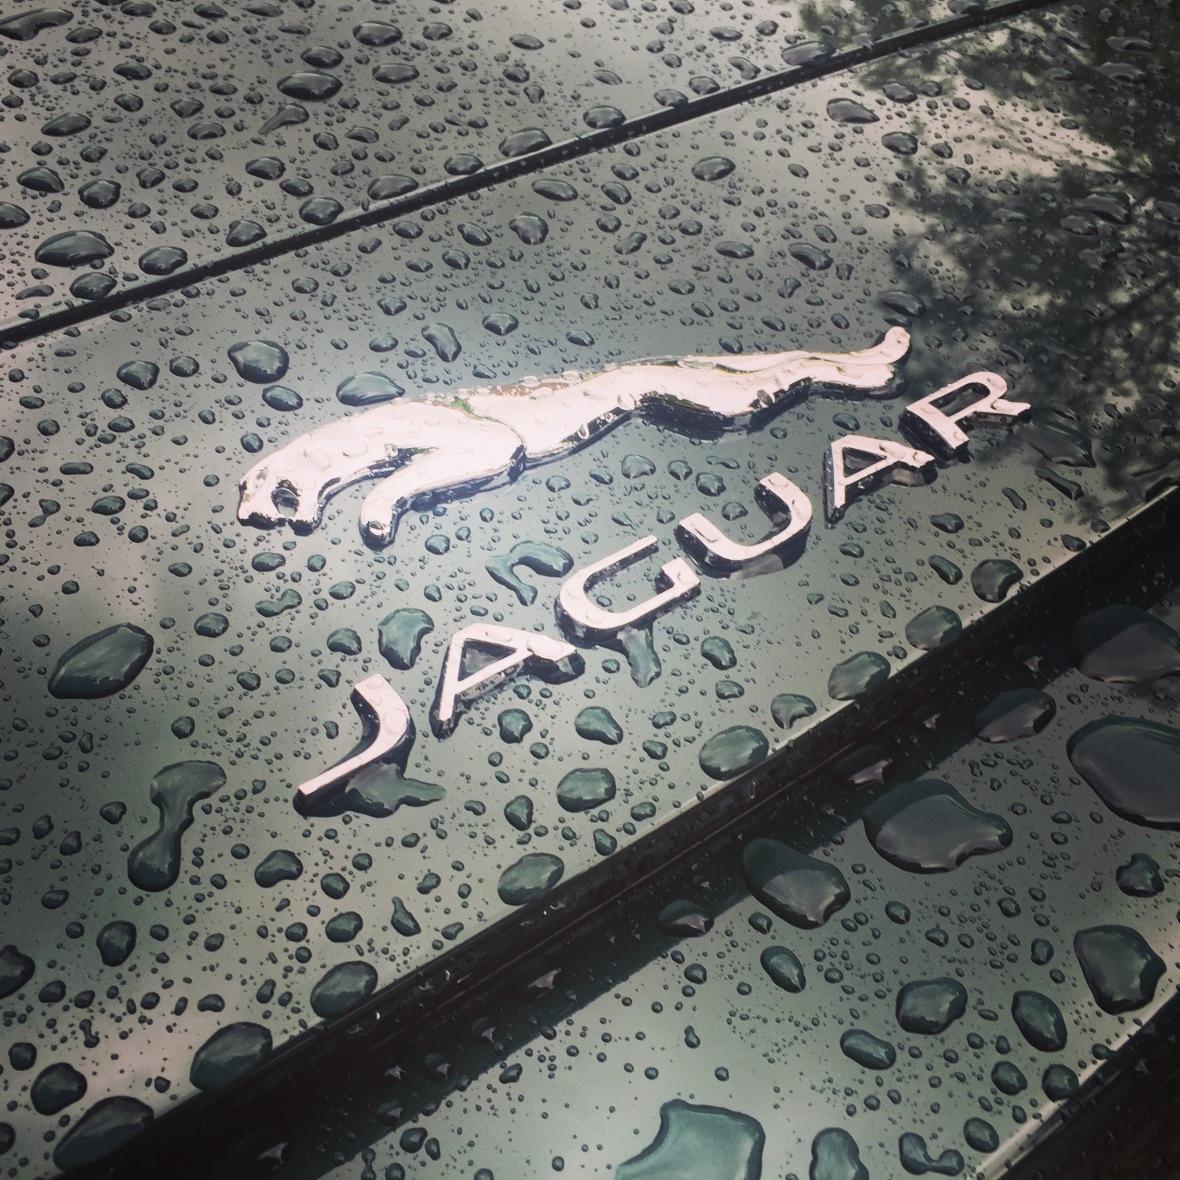 I regnvejr kan selv basis-F-Typen med 340 hk blive giftig, men ikke så dødeligt som storebror.